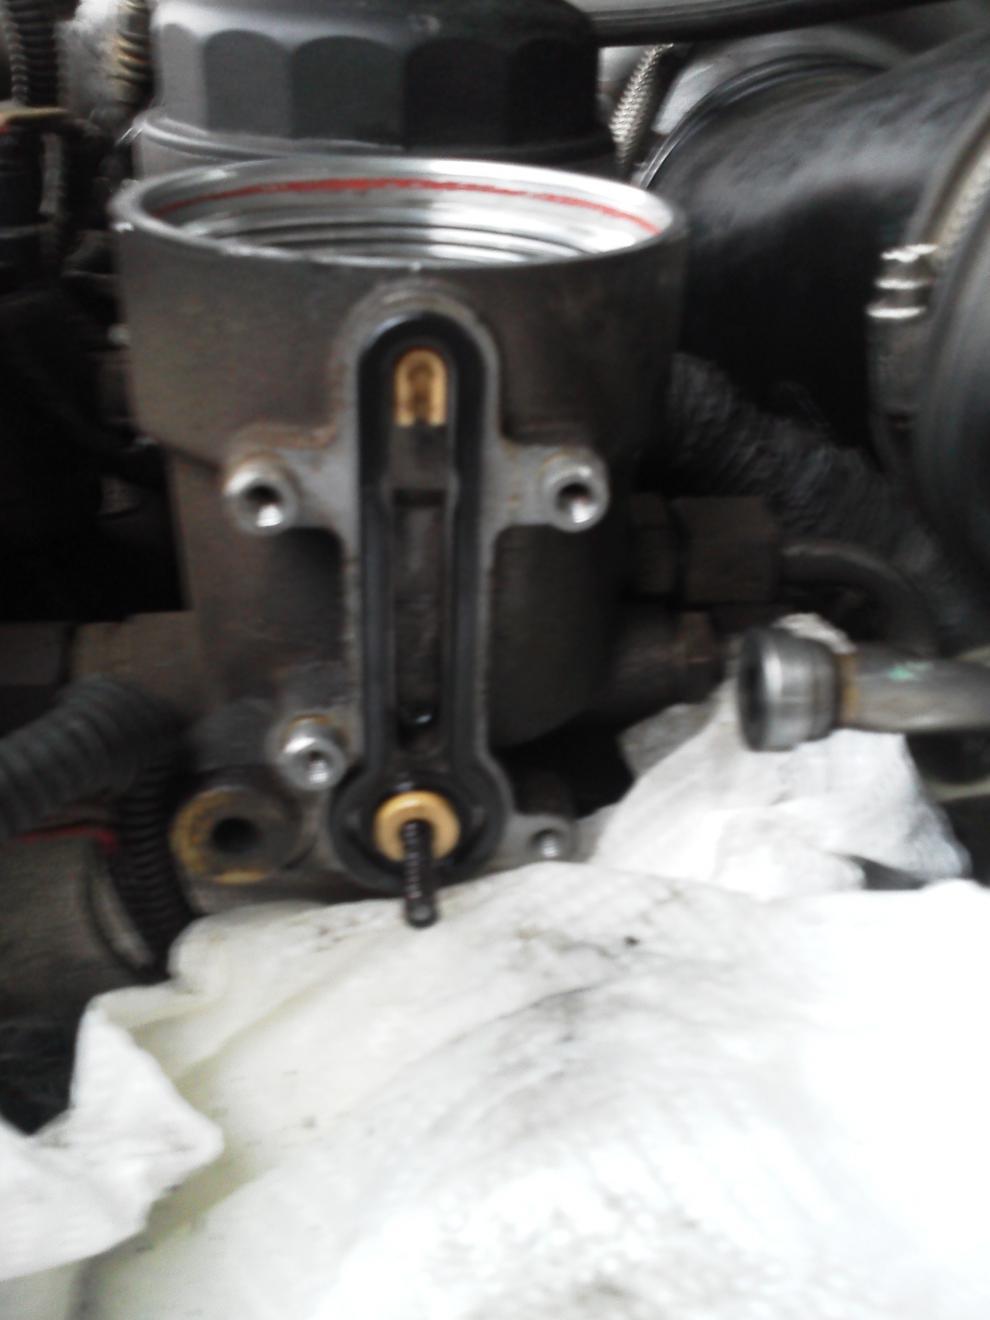 My BLUE SPRING Update!-step-3-remove-fule-return-line-using-7-8-13-16-wrench-then-4-regulator-screws-.jpg